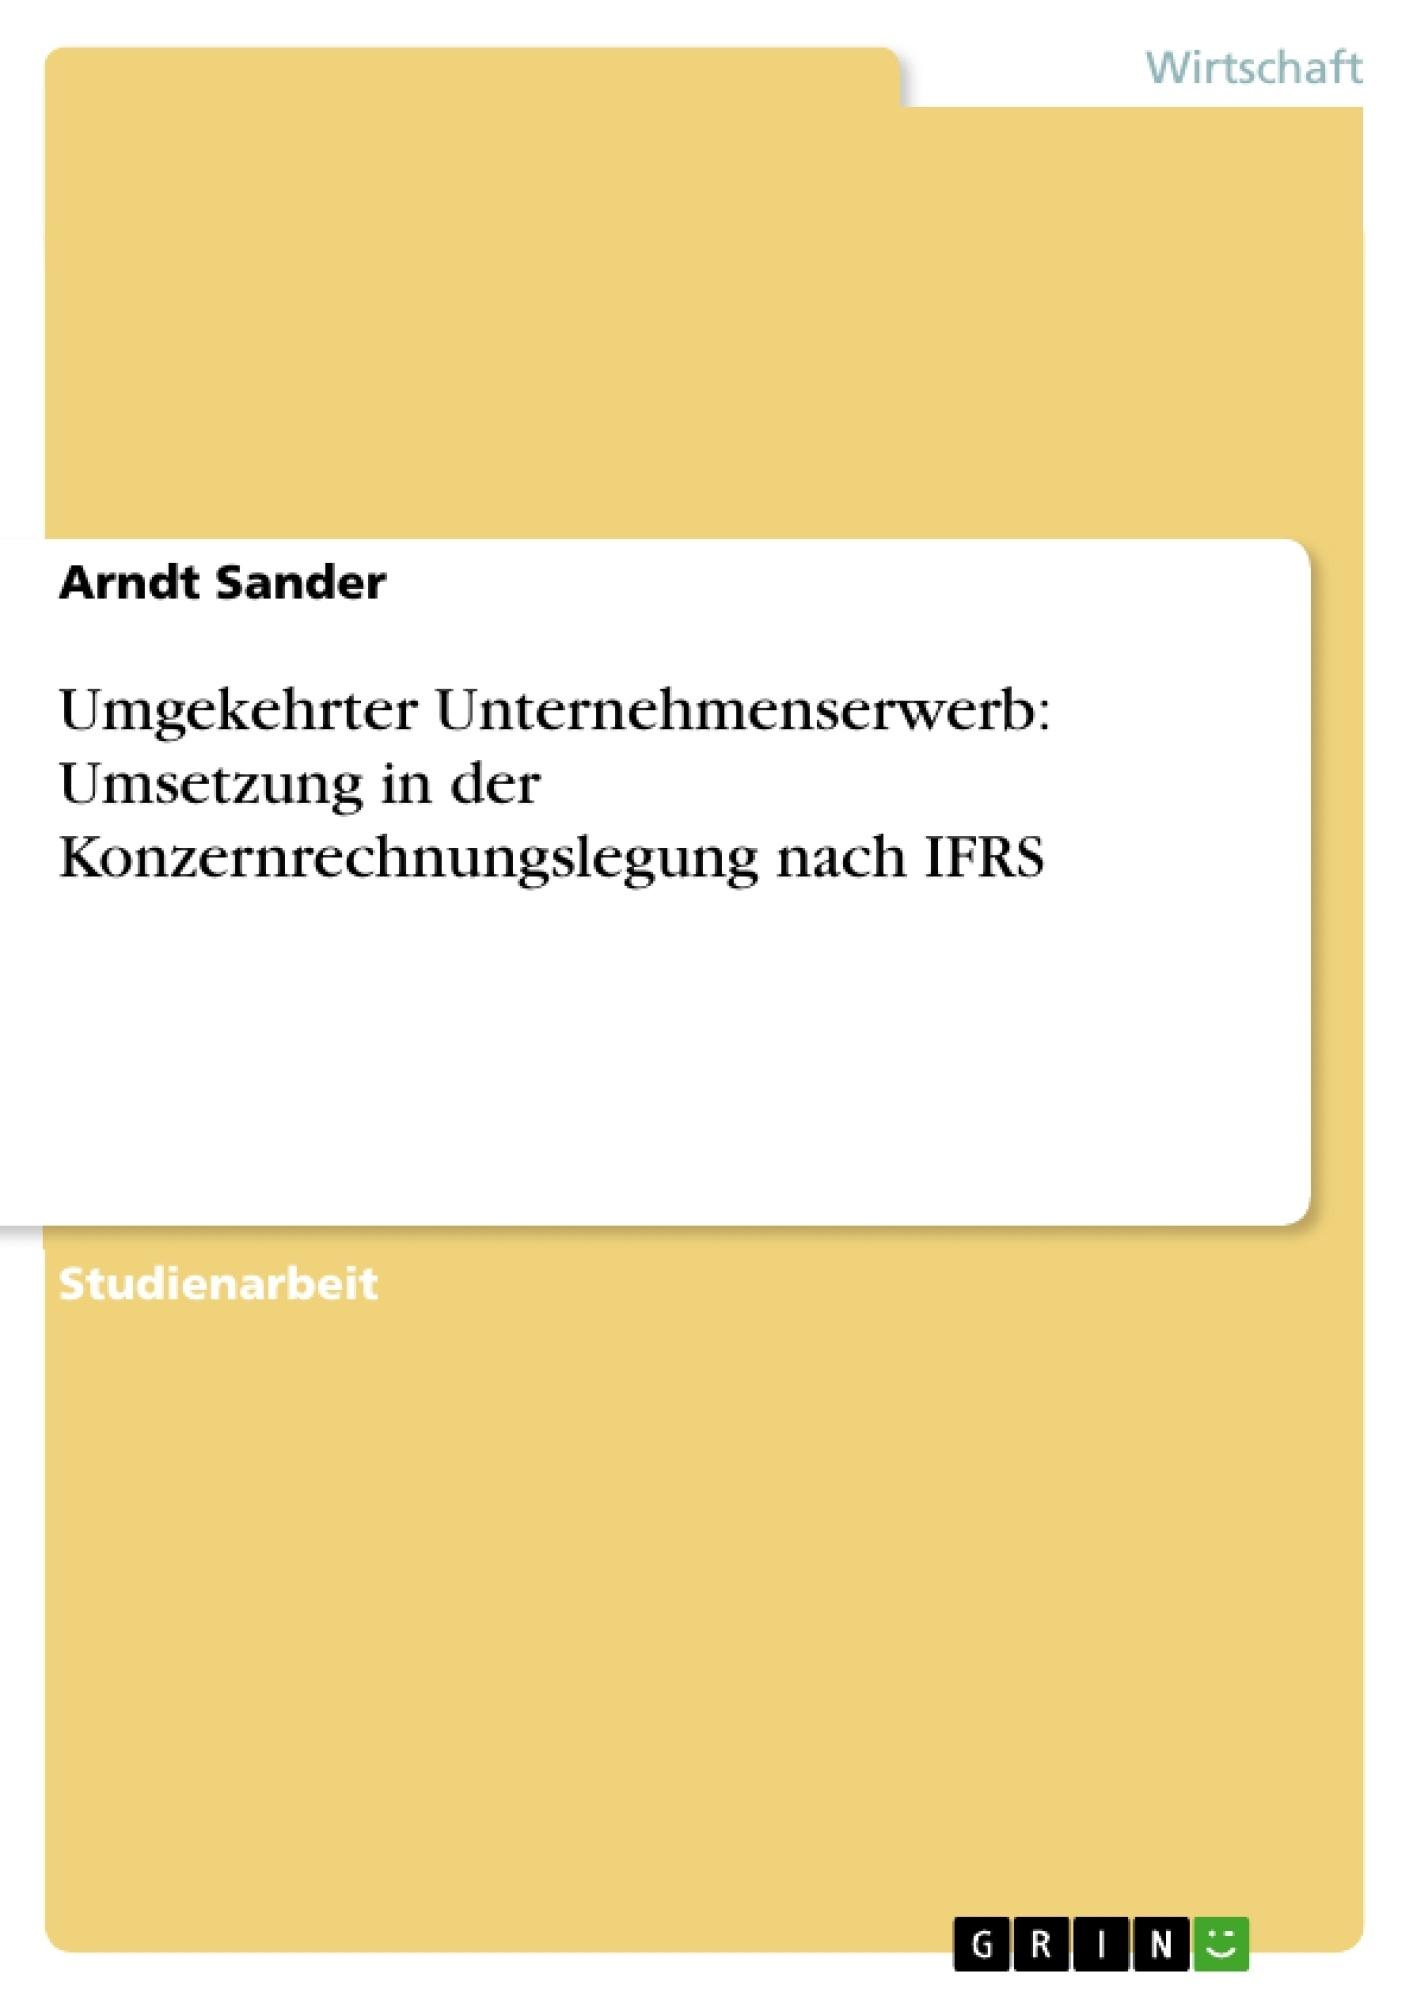 Titel: Umgekehrter Unternehmenserwerb: Umsetzung in der Konzernrechnungslegung nach IFRS